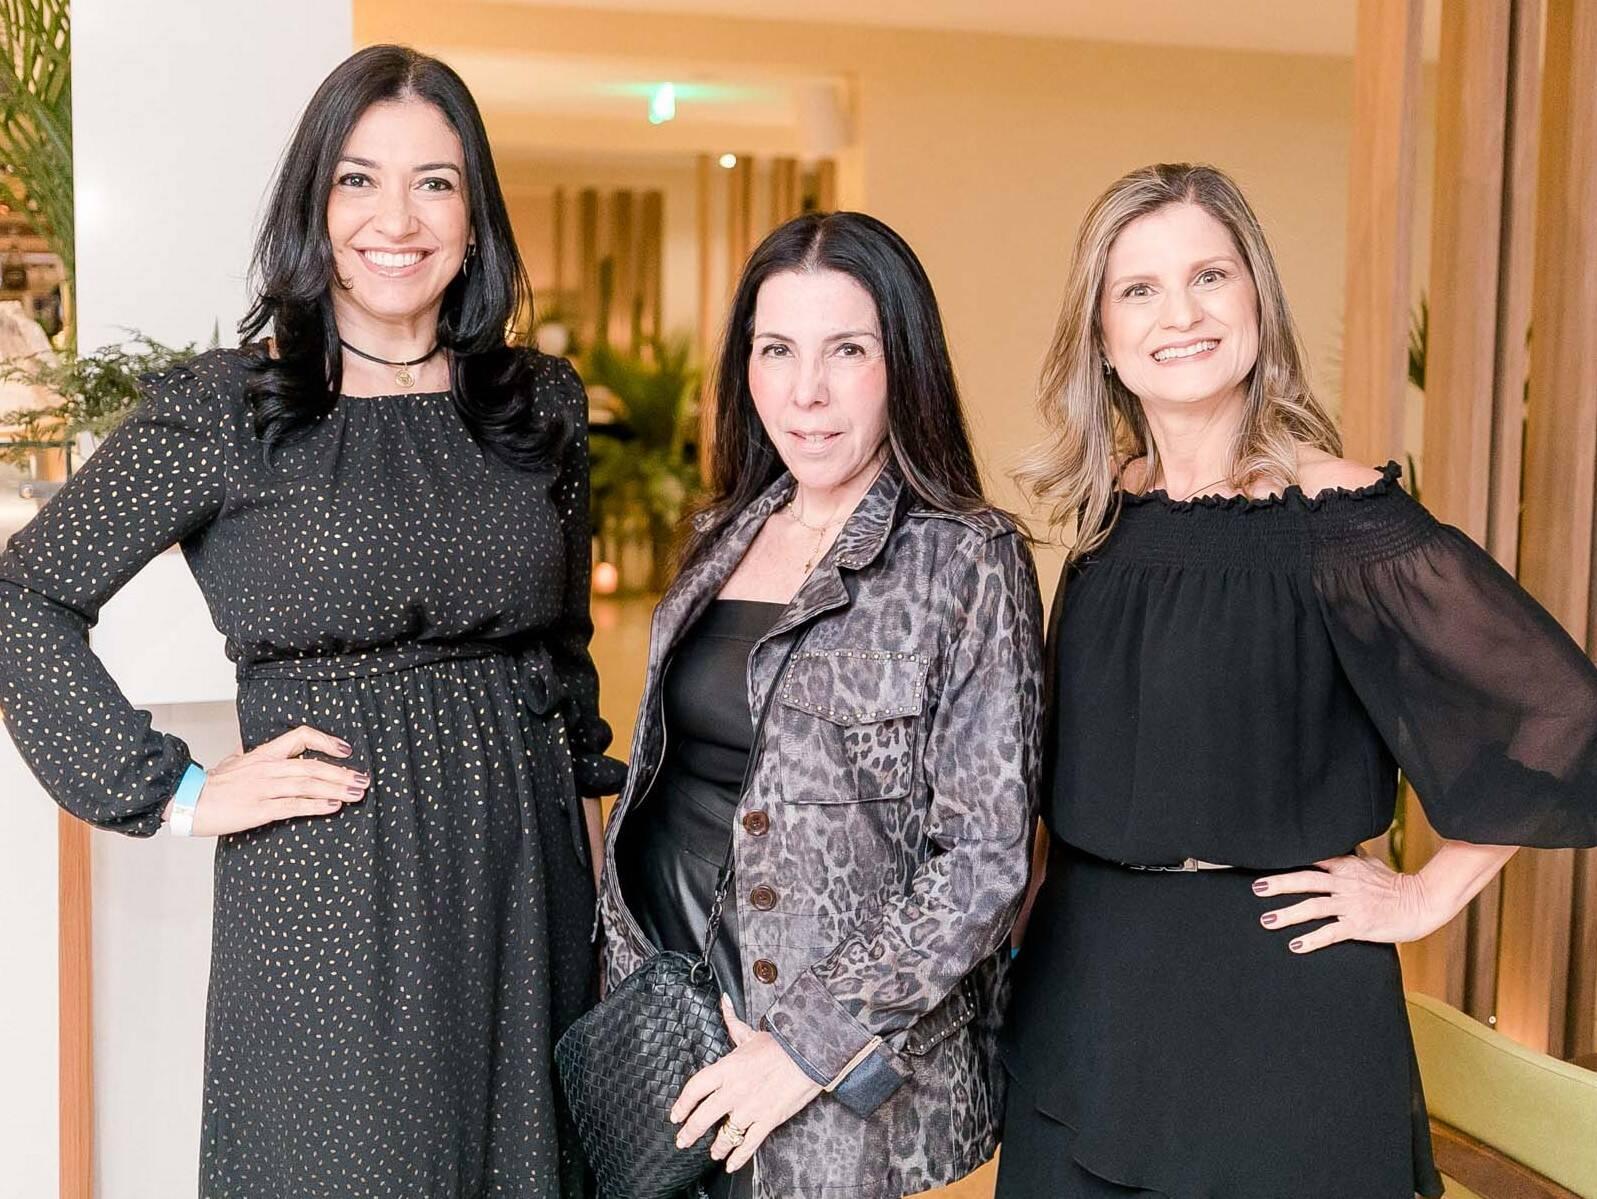 Cristina Côrtes, Paola Ribeiro e Claudia Sant' anna  /Foto: Miguel Sá